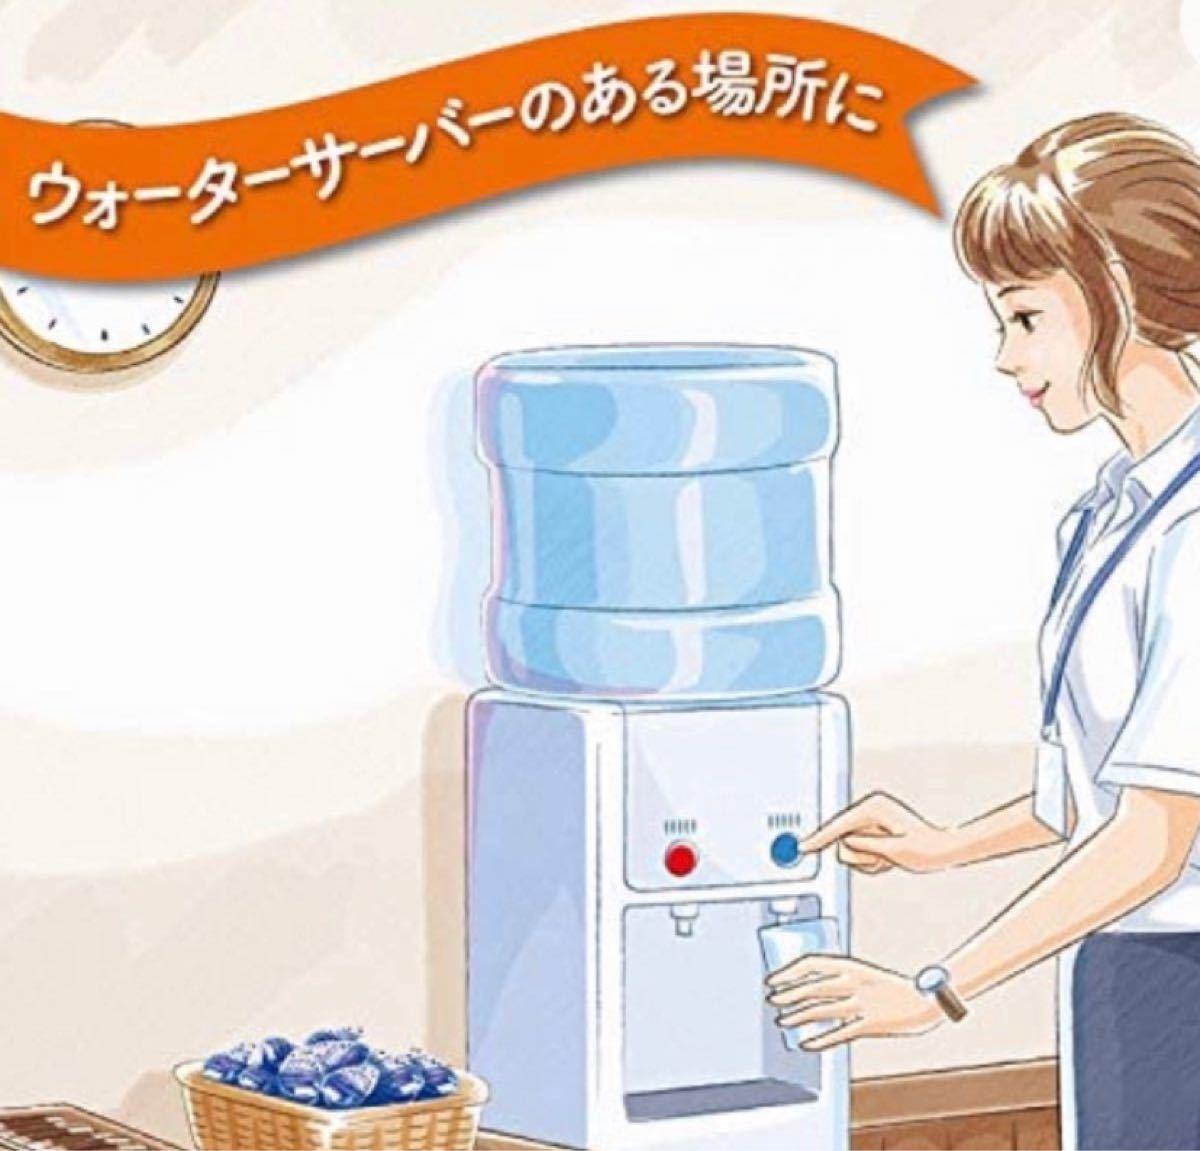 アサヒ飲料 カルピスプチ カルピスプチポーション 容器 35ml×10個